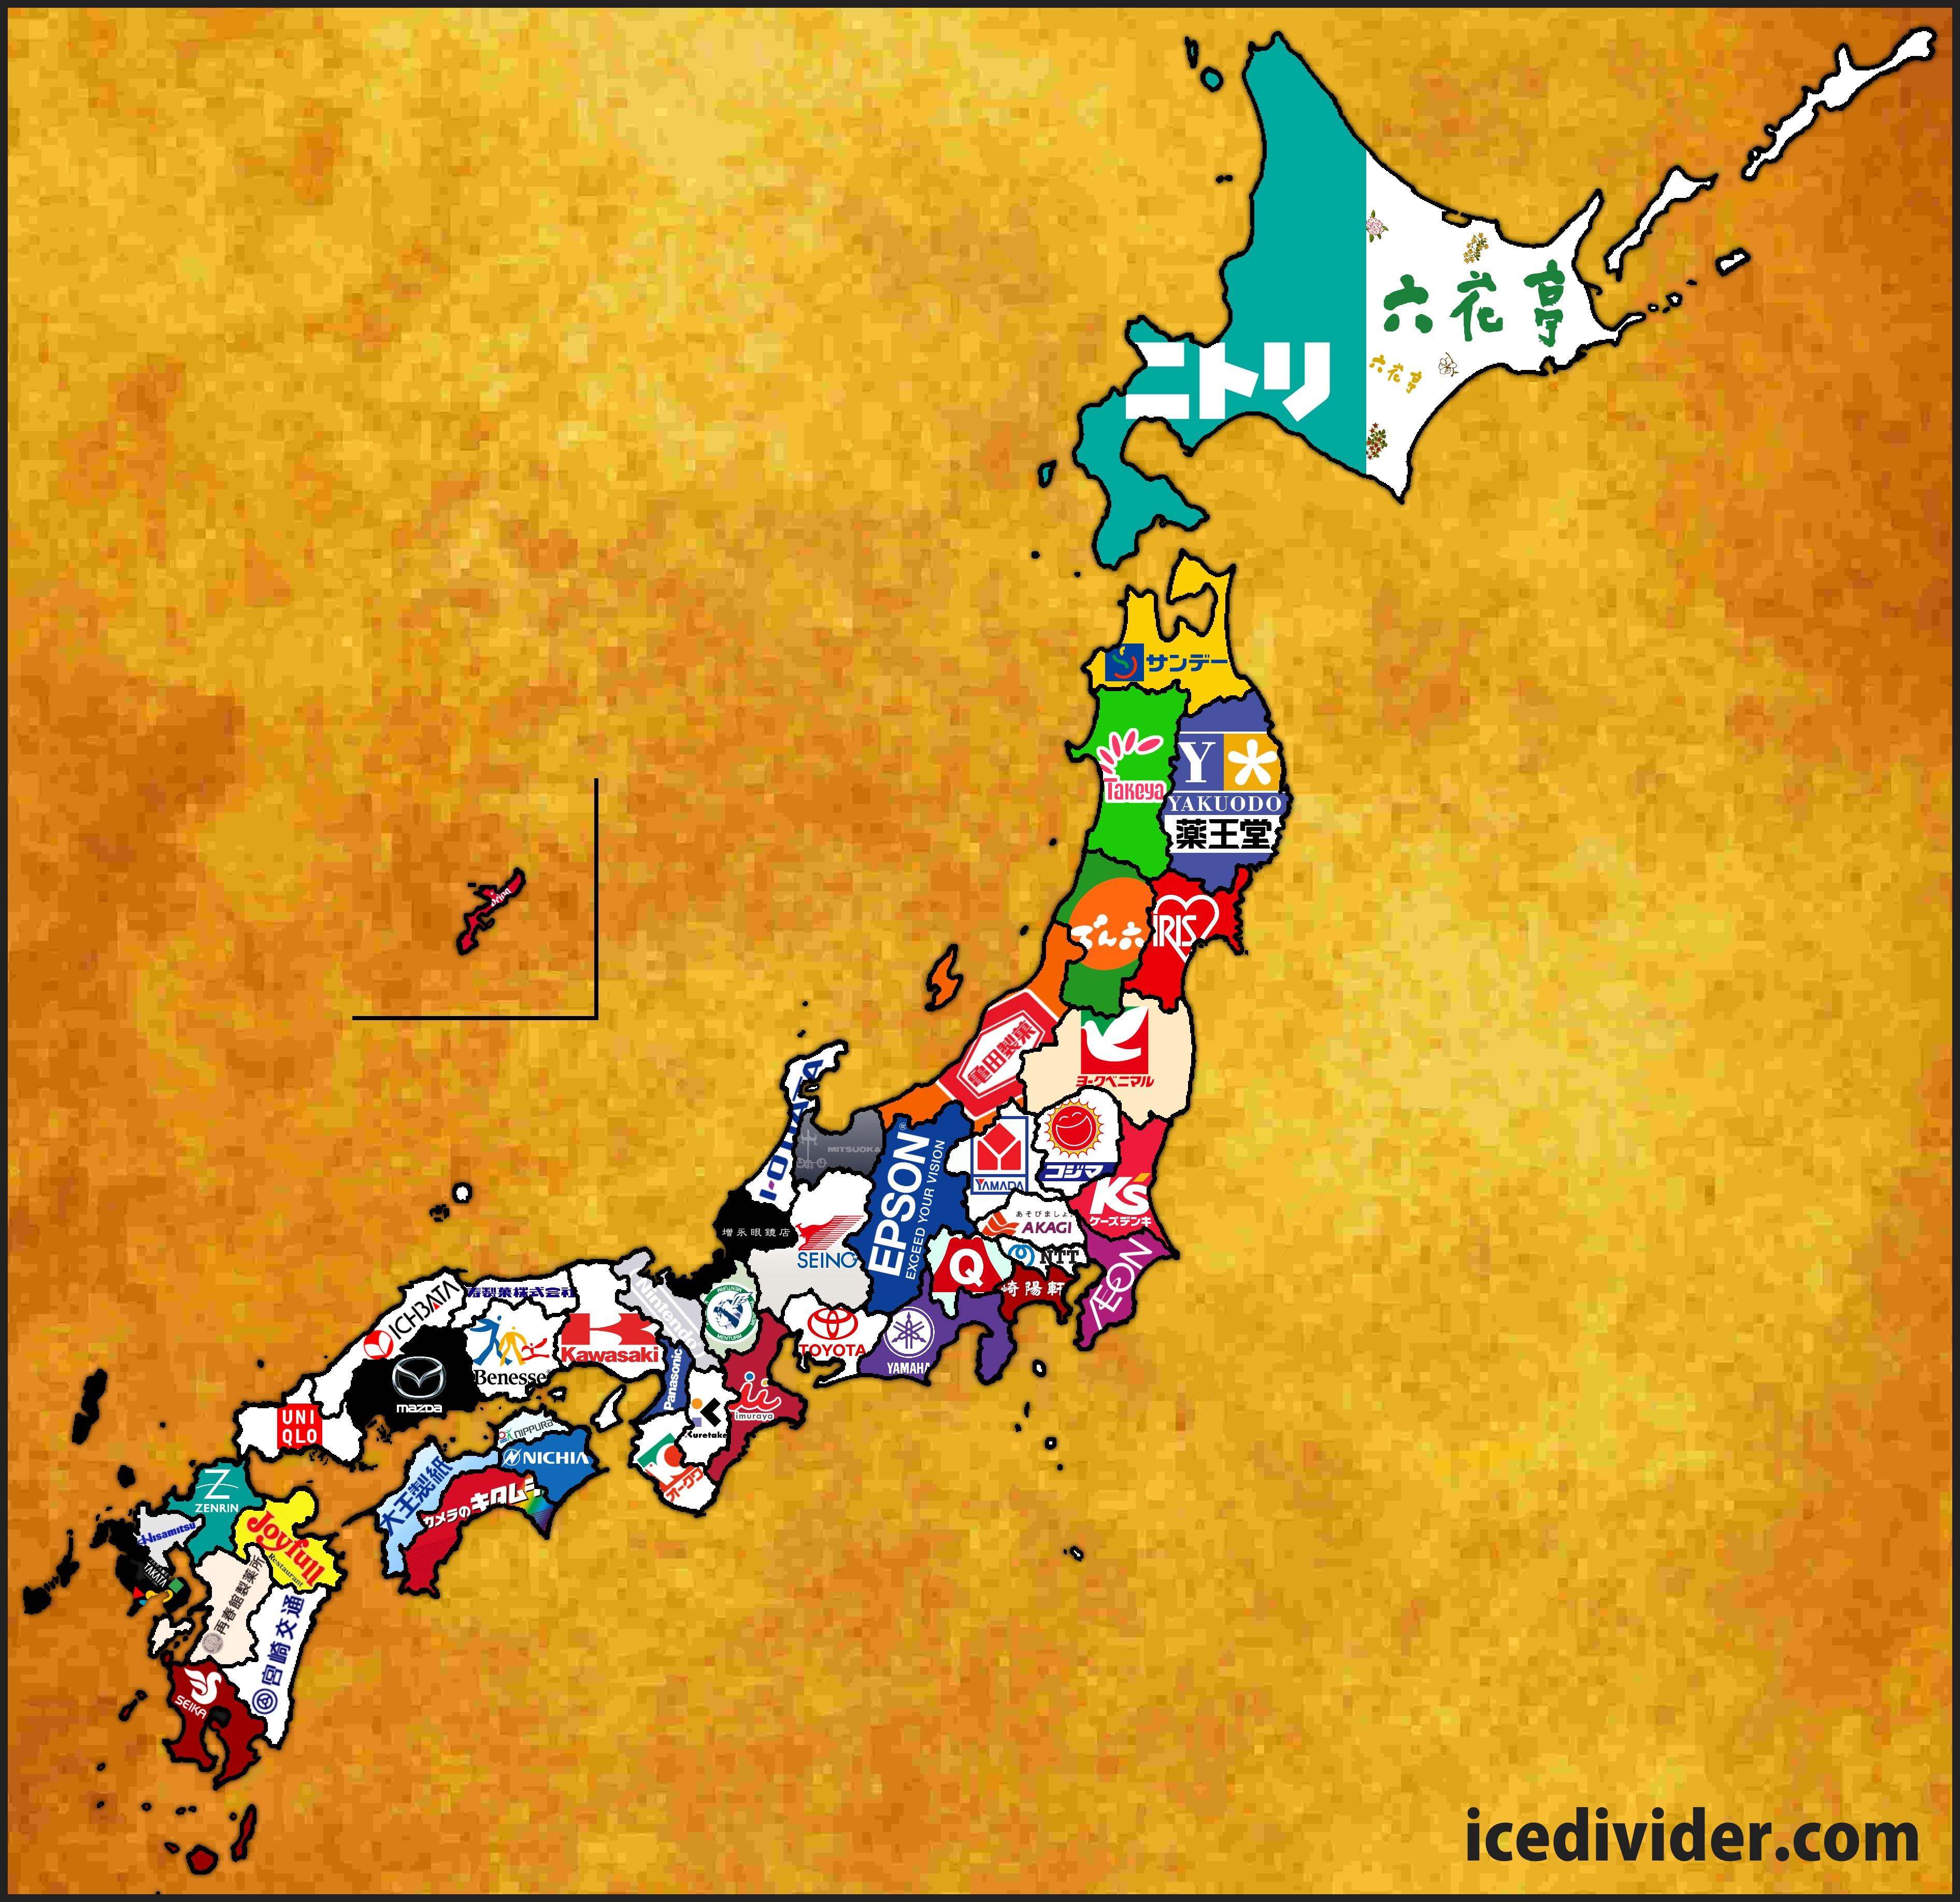 都道府県を代表する企業で日本地図を作った \u2010 ジジイの氷割り